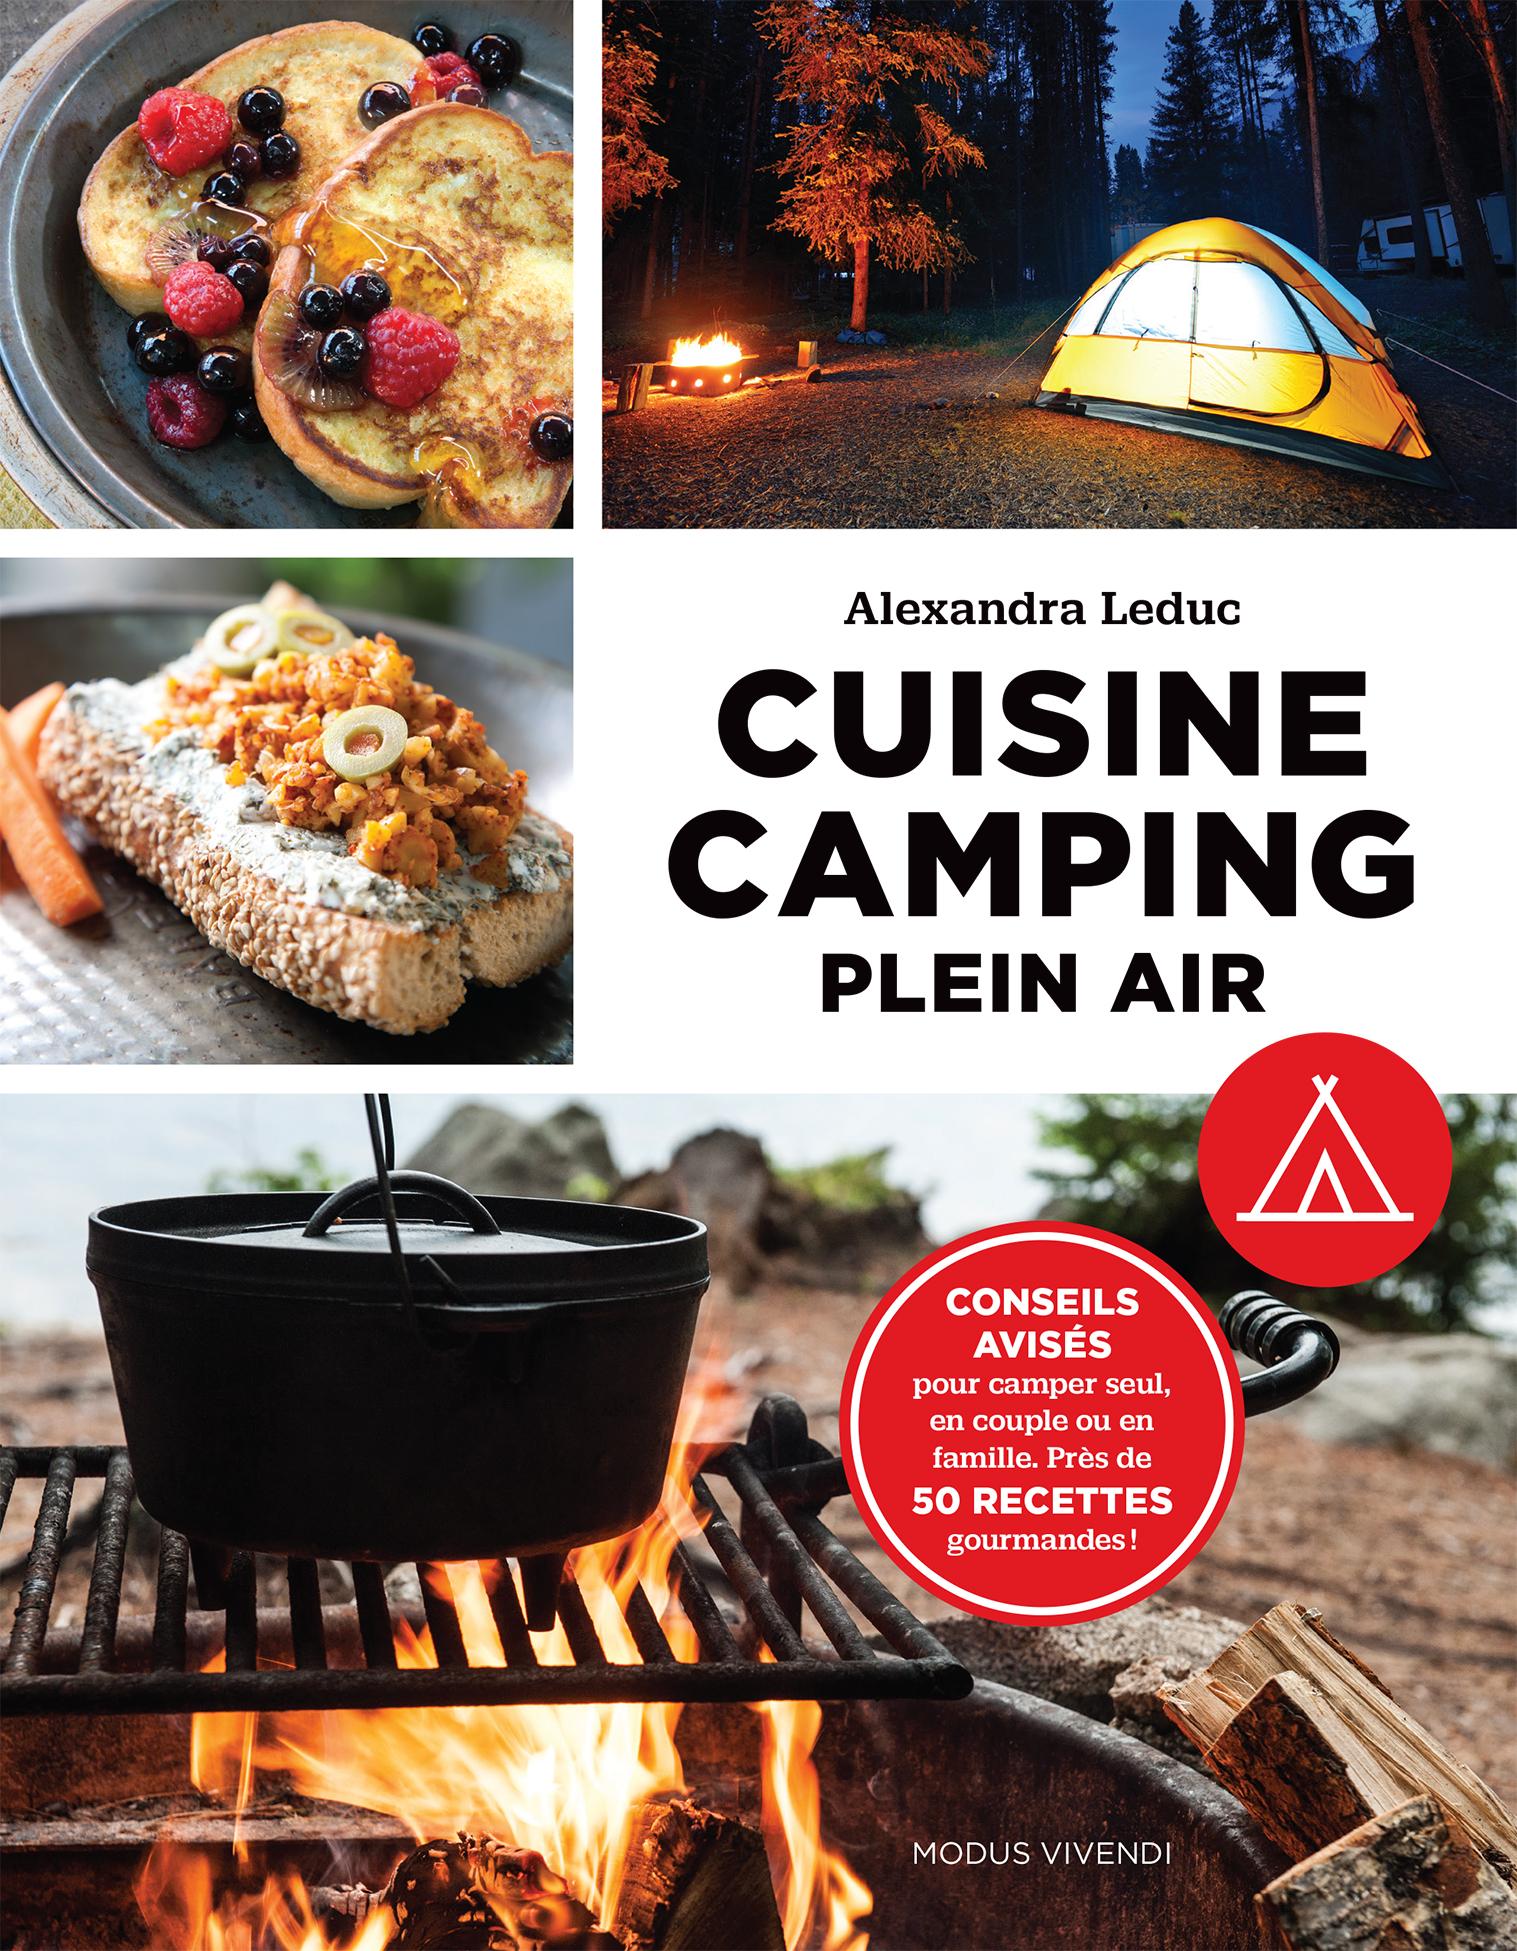 109_CuisineCamping_C1